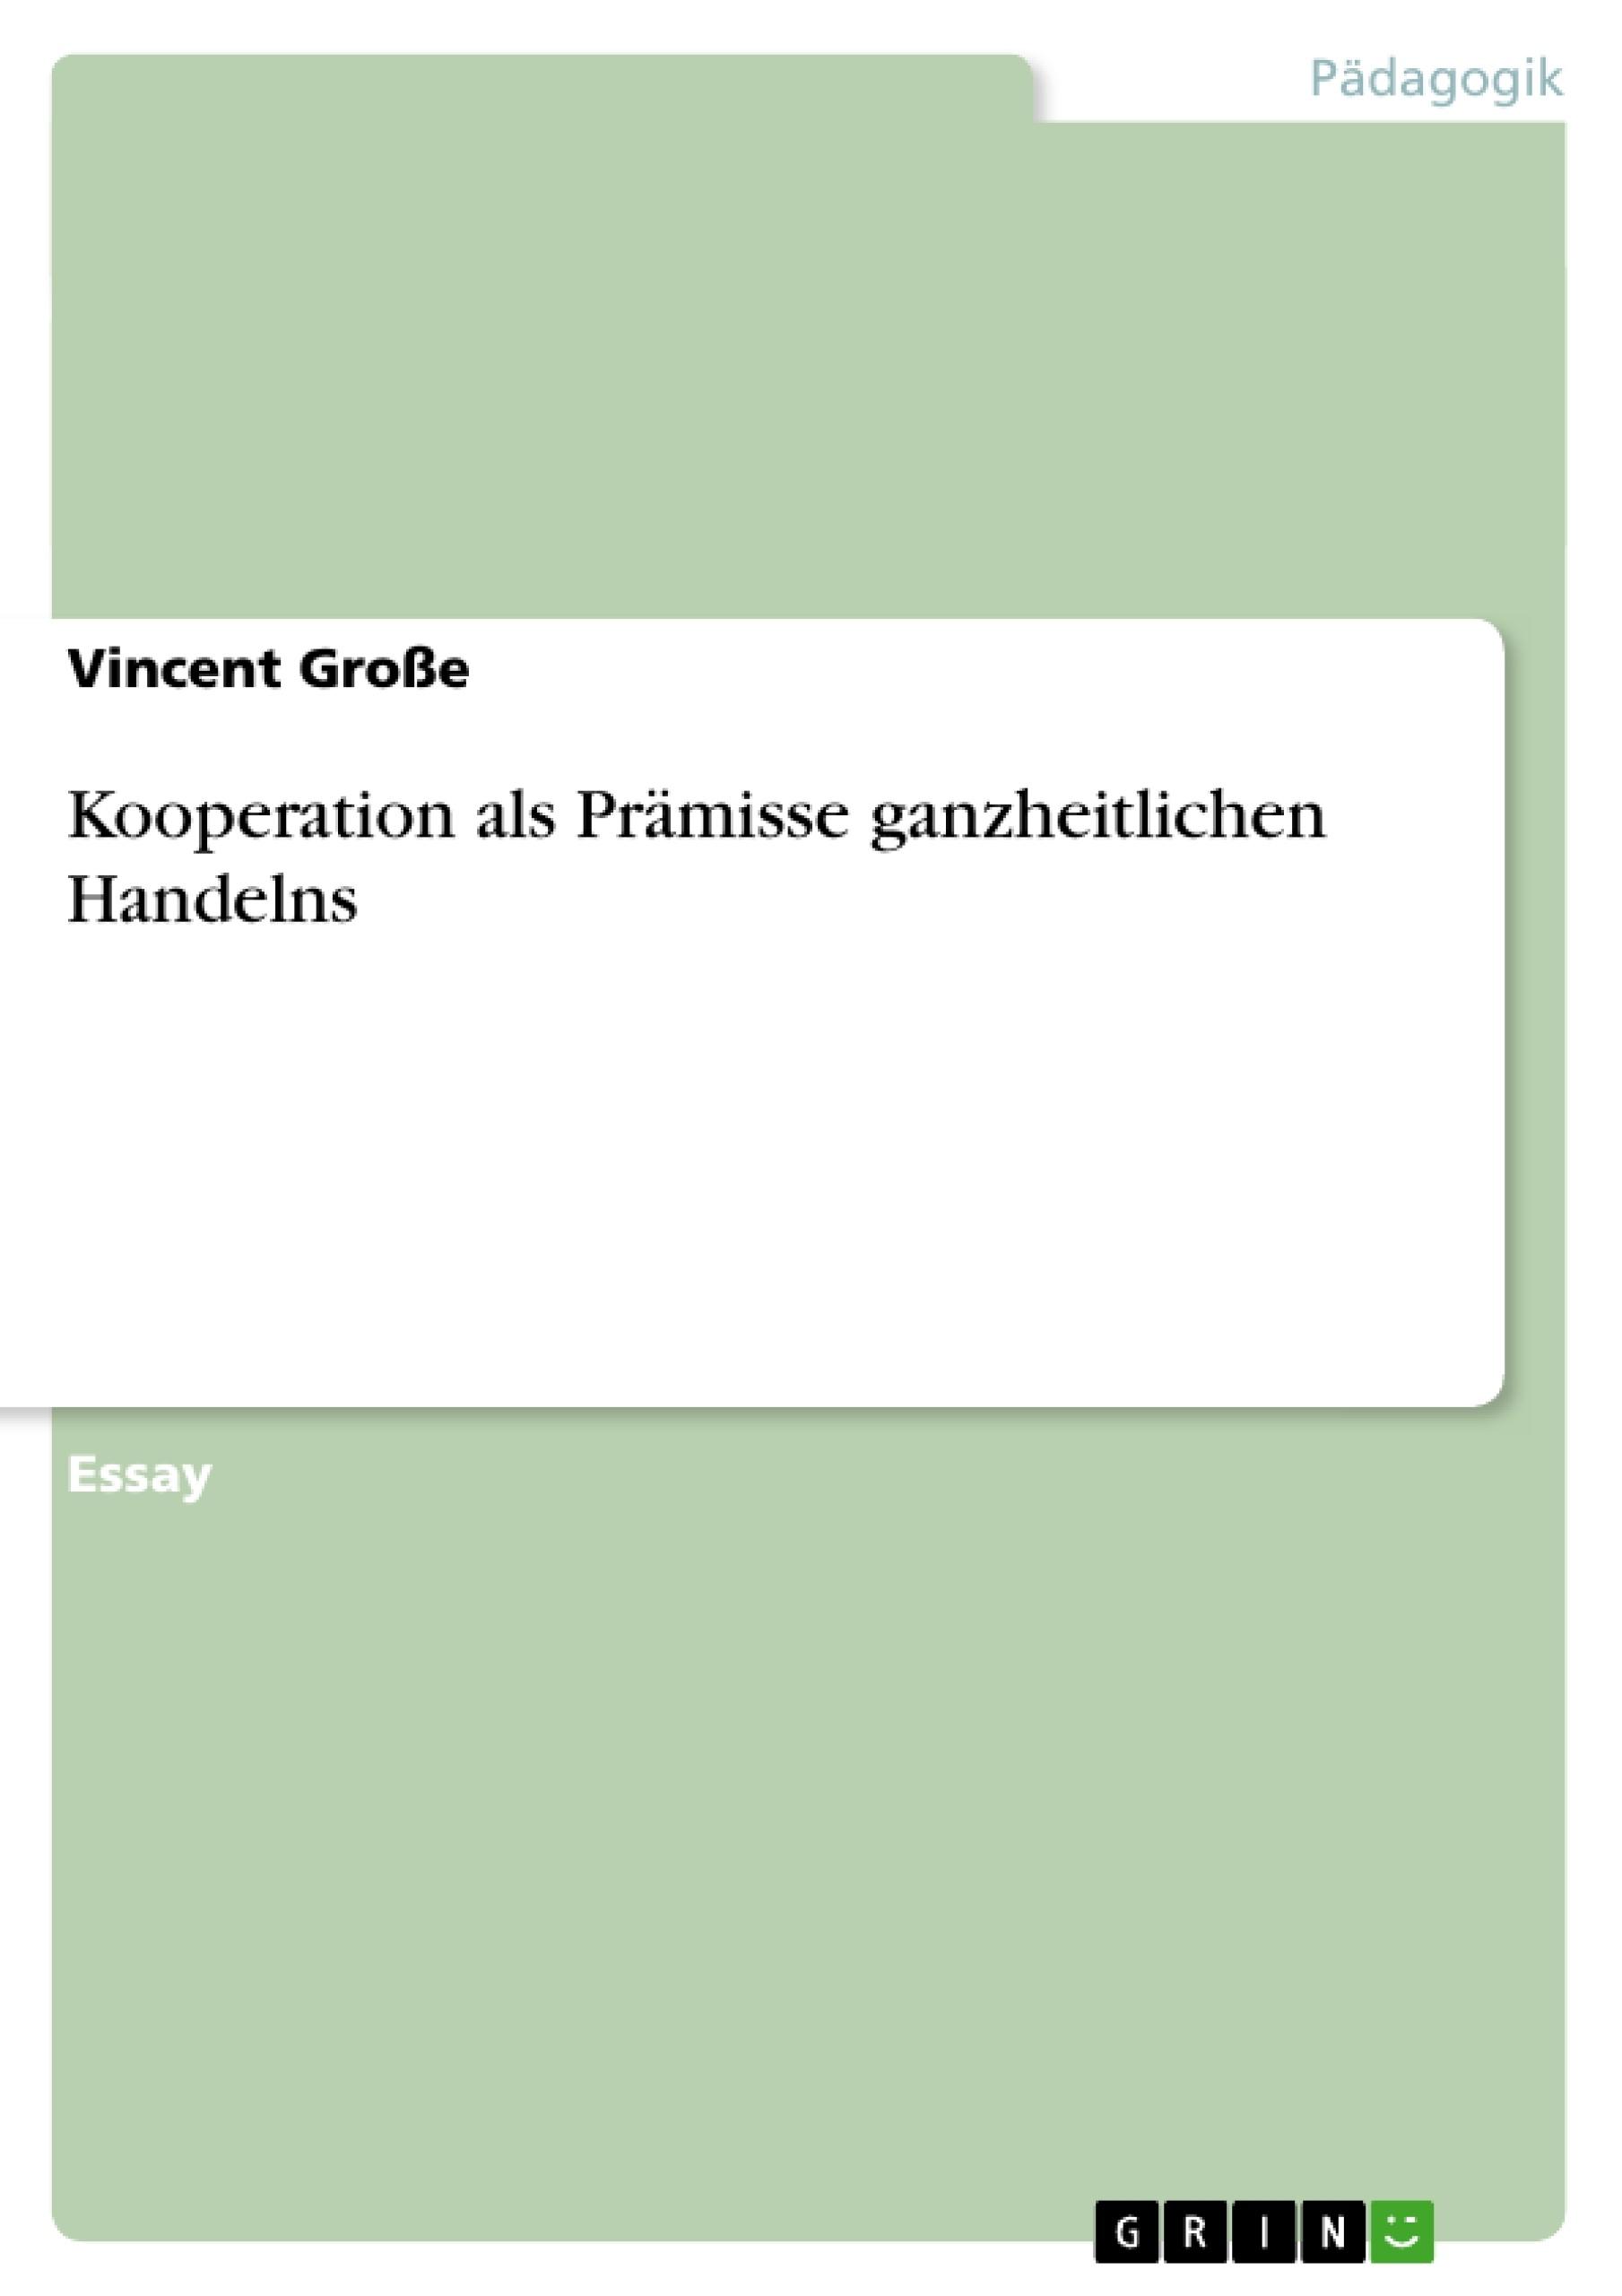 Titel: Kooperation als Prämisse ganzheitlichen Handelns